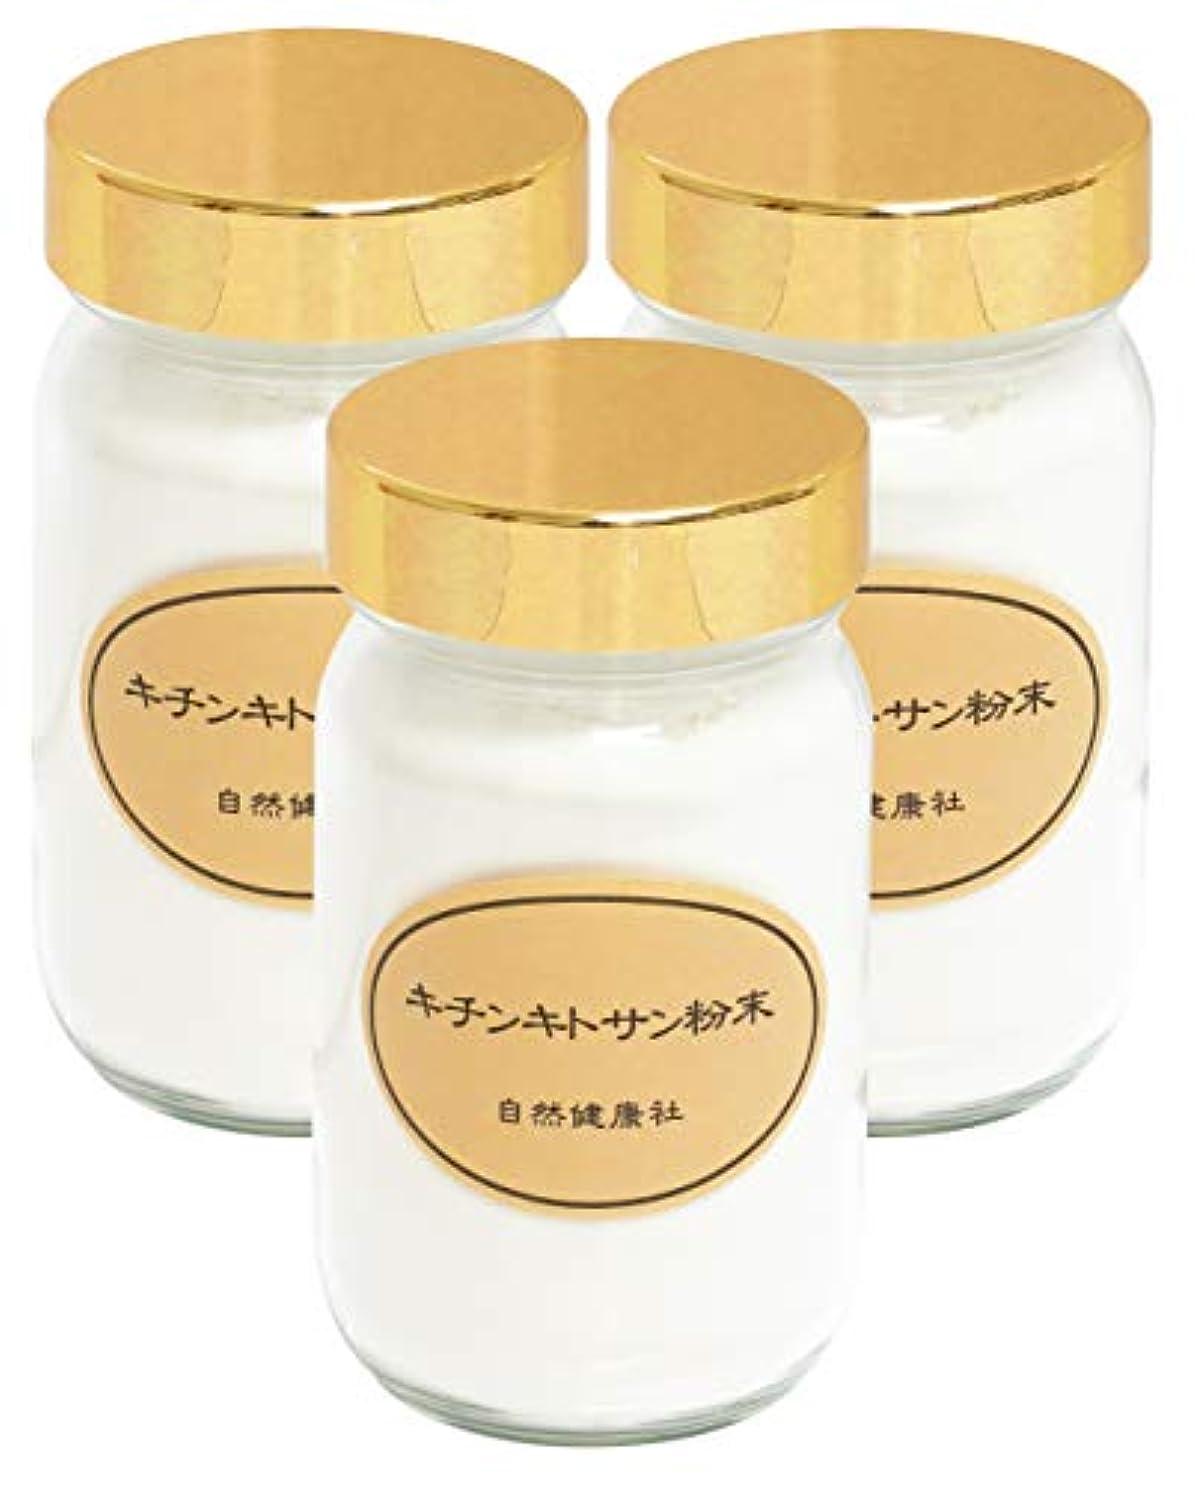 付録世辞インシュレータ自然健康社 キチンキトサン粉末 90g×3個 瓶入り